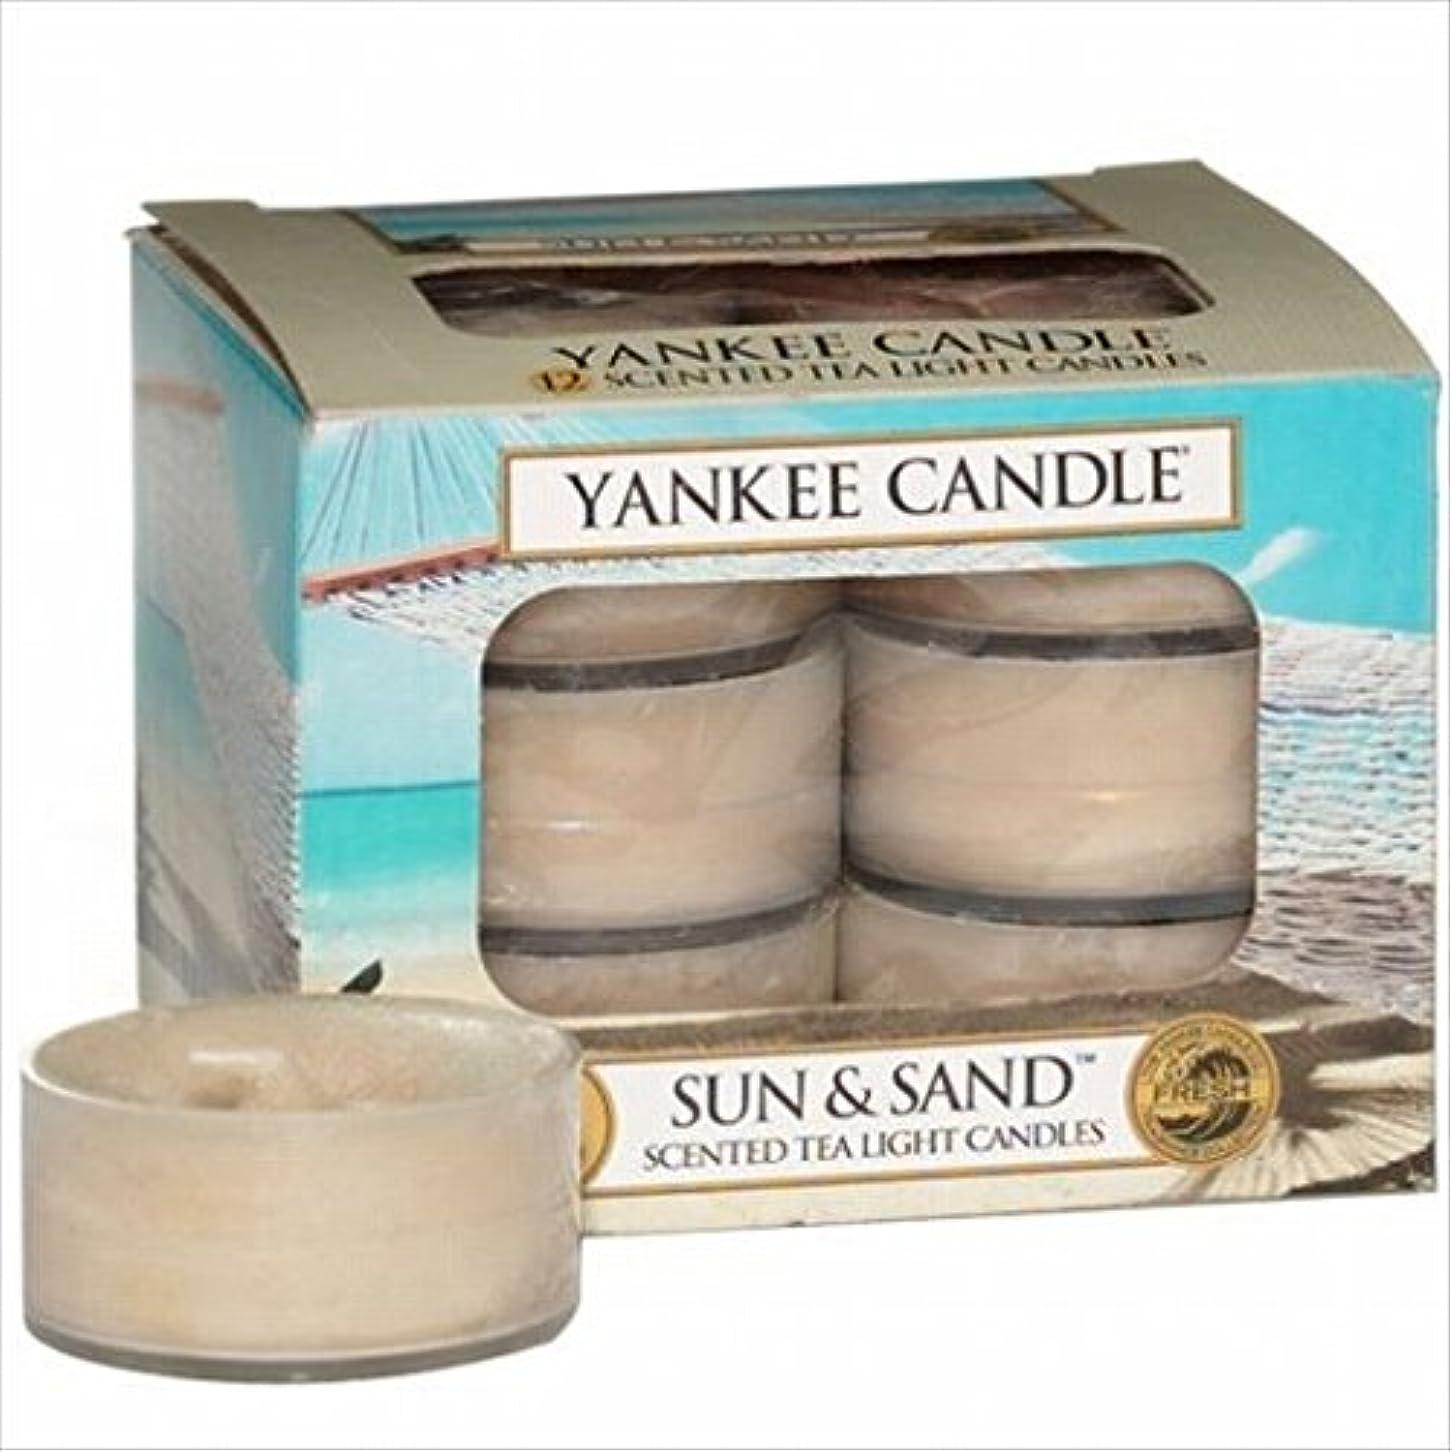 昆虫を見るビタミン甘やかすヤンキーキャンドル( YANKEE CANDLE ) YANKEE CANDLE クリアカップティーライト12個入り 「 サン&サンド 」